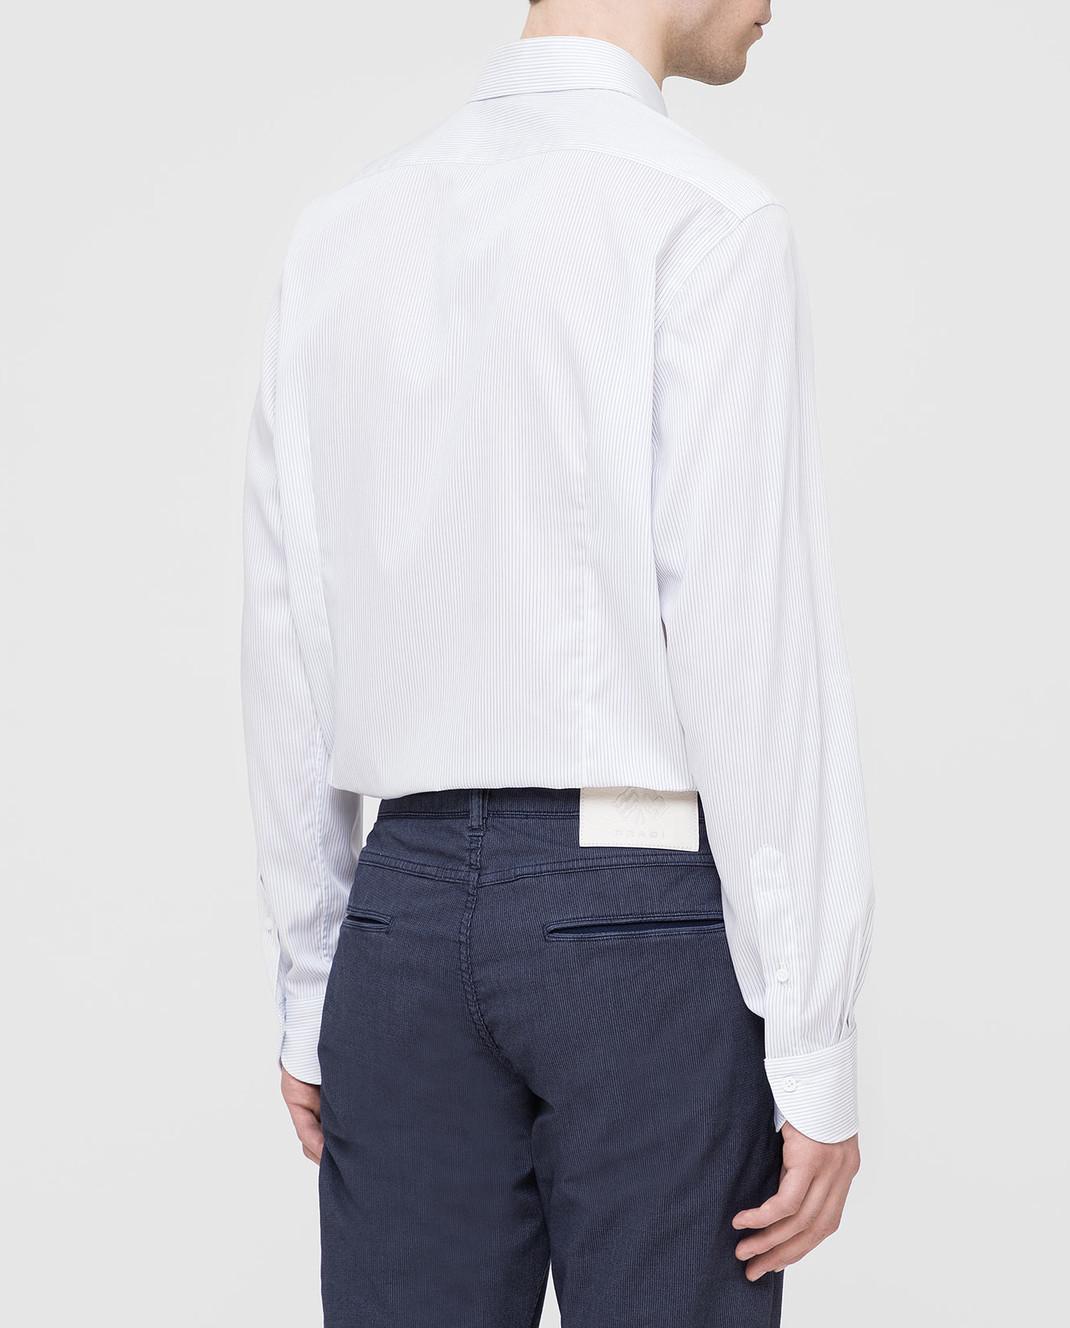 Carrel Белая рубашка на пуговицах C4510418G изображение 4